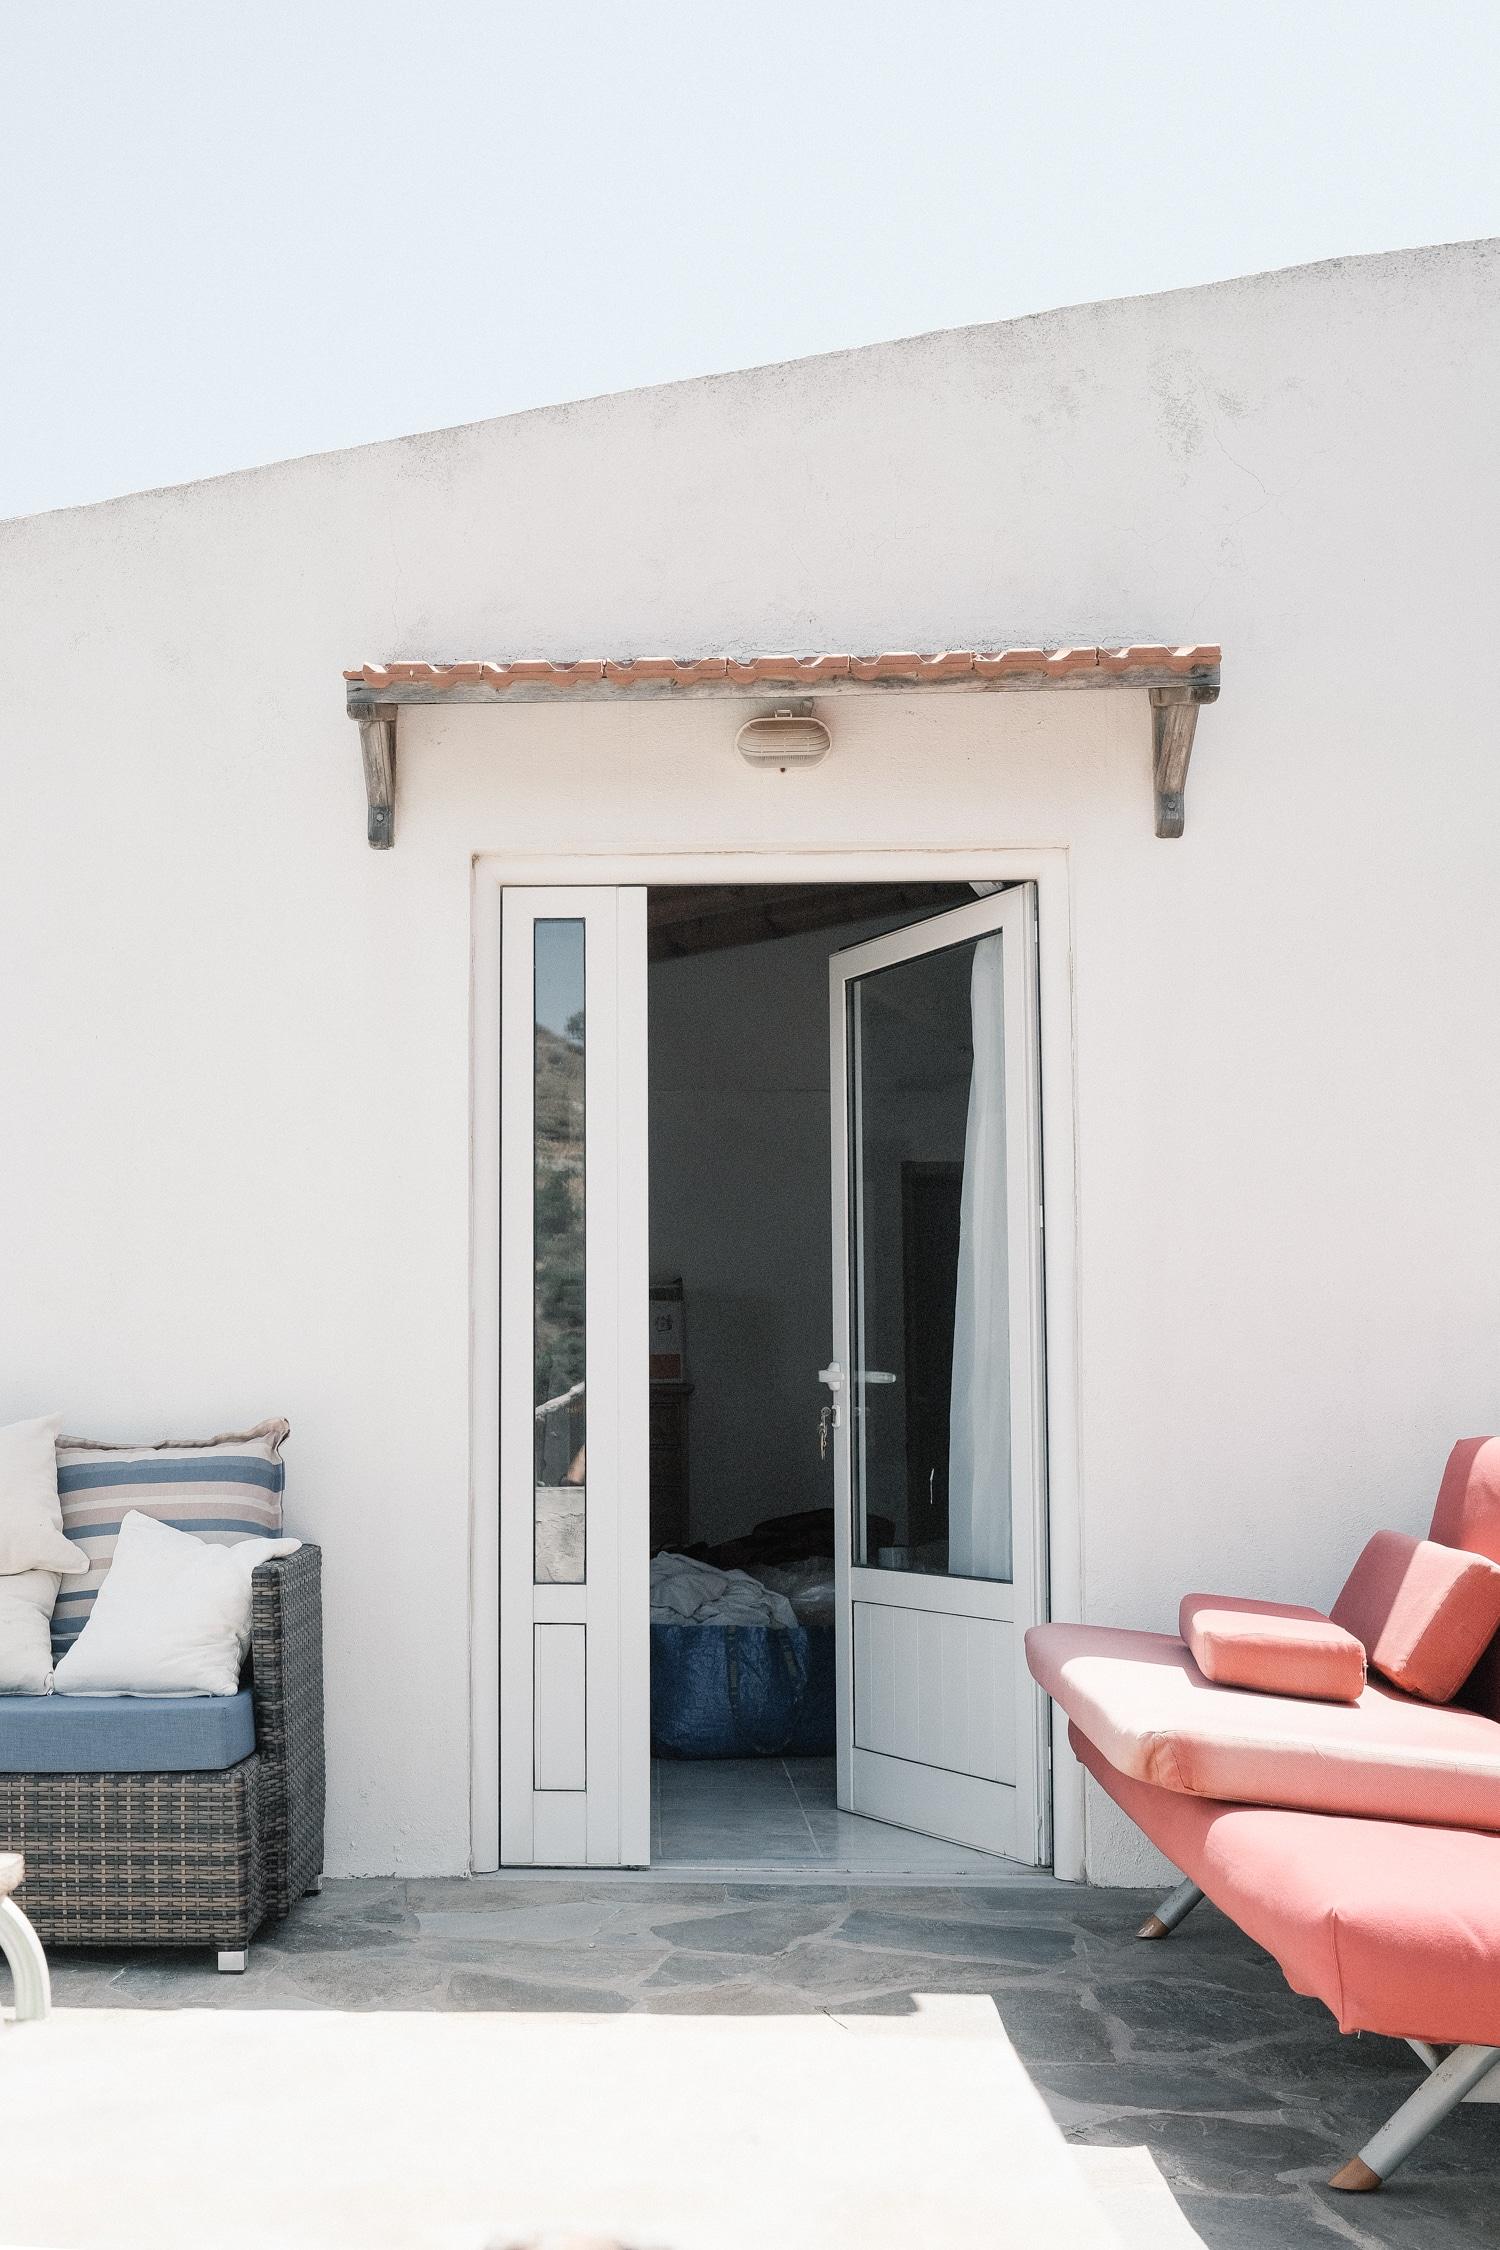 Kinlake-Crete-House-Lifestyle-2018-8951